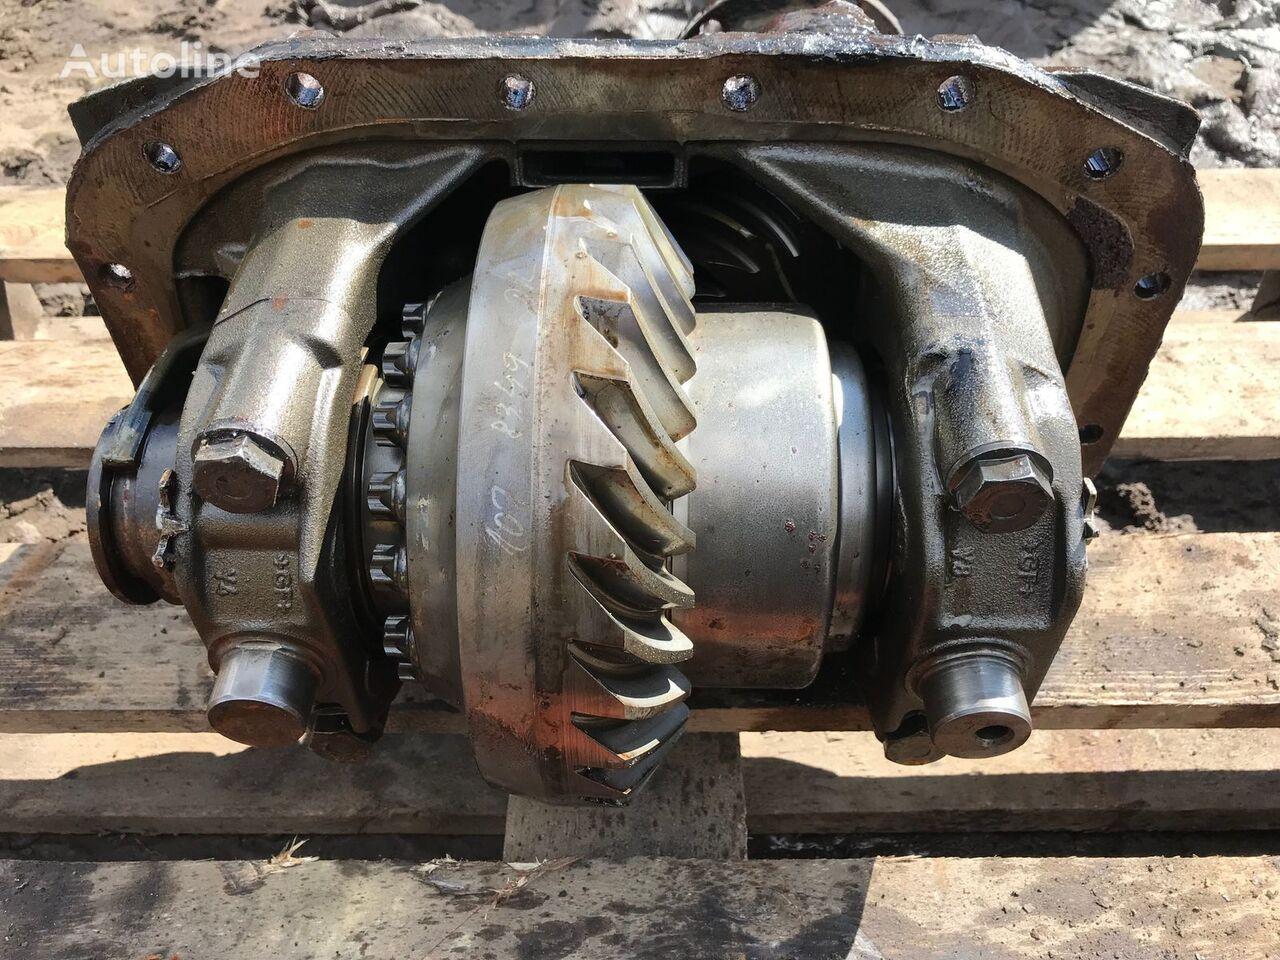 diferentsiaal MERCEDES-BENZ HL7 28:21 8x4 6x4 6x6 tüübi jaoks veoauto MERCEDES-BENZ Actros